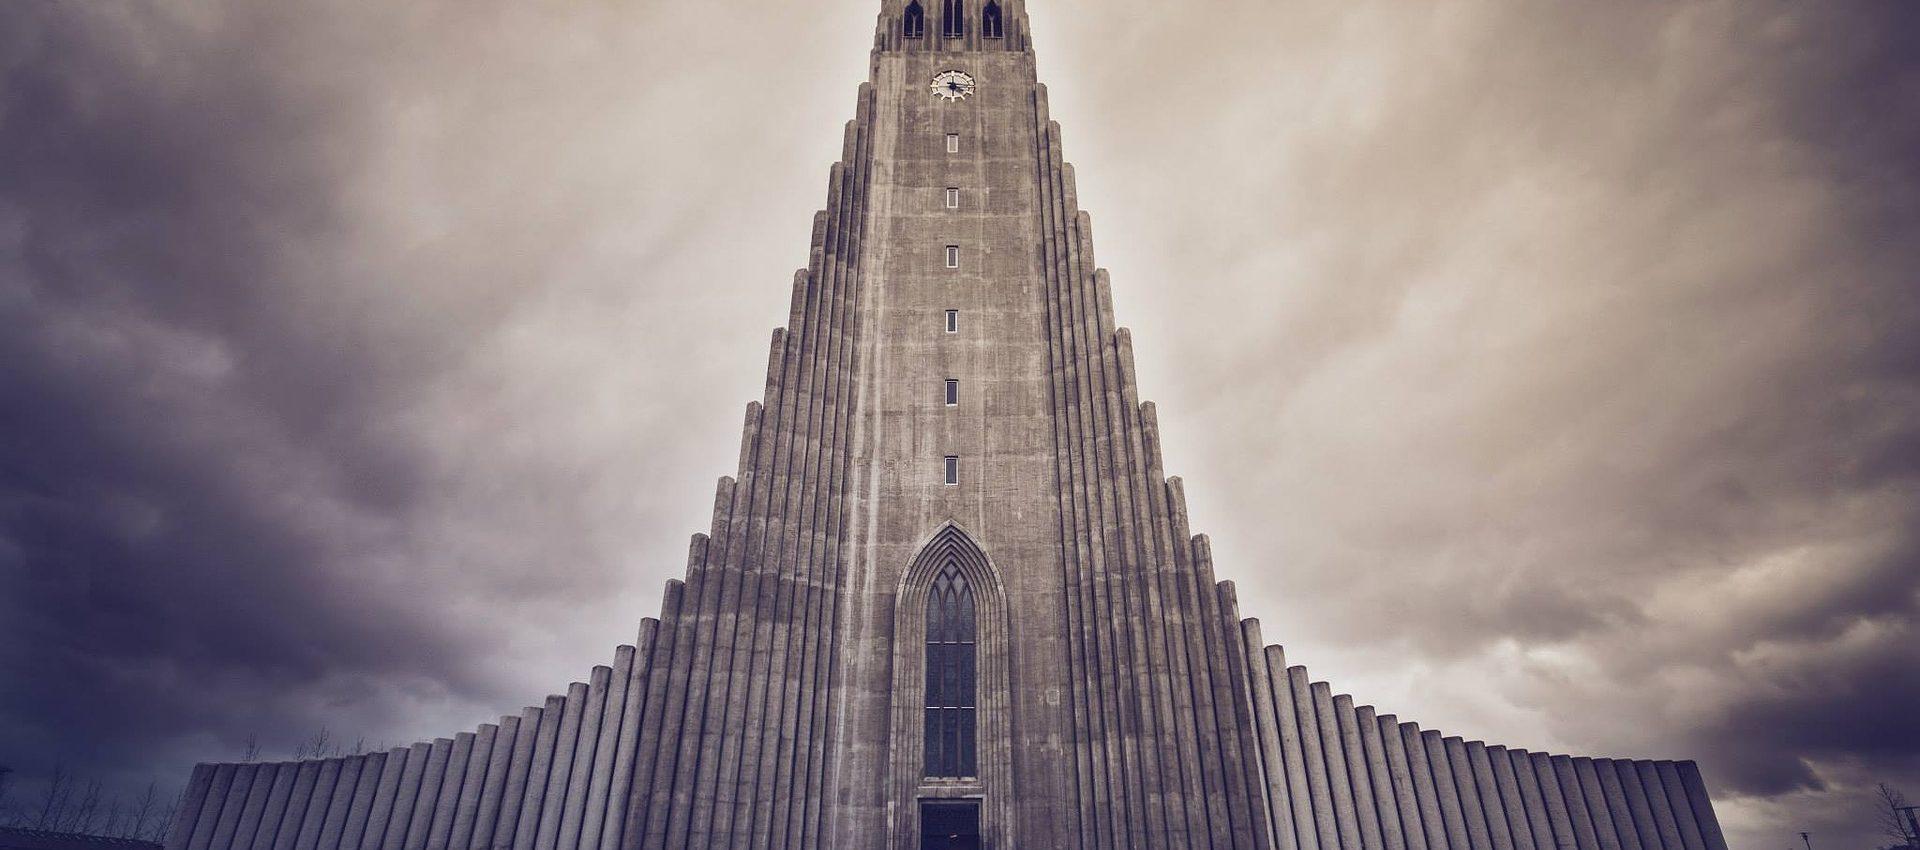 church-768477_1920